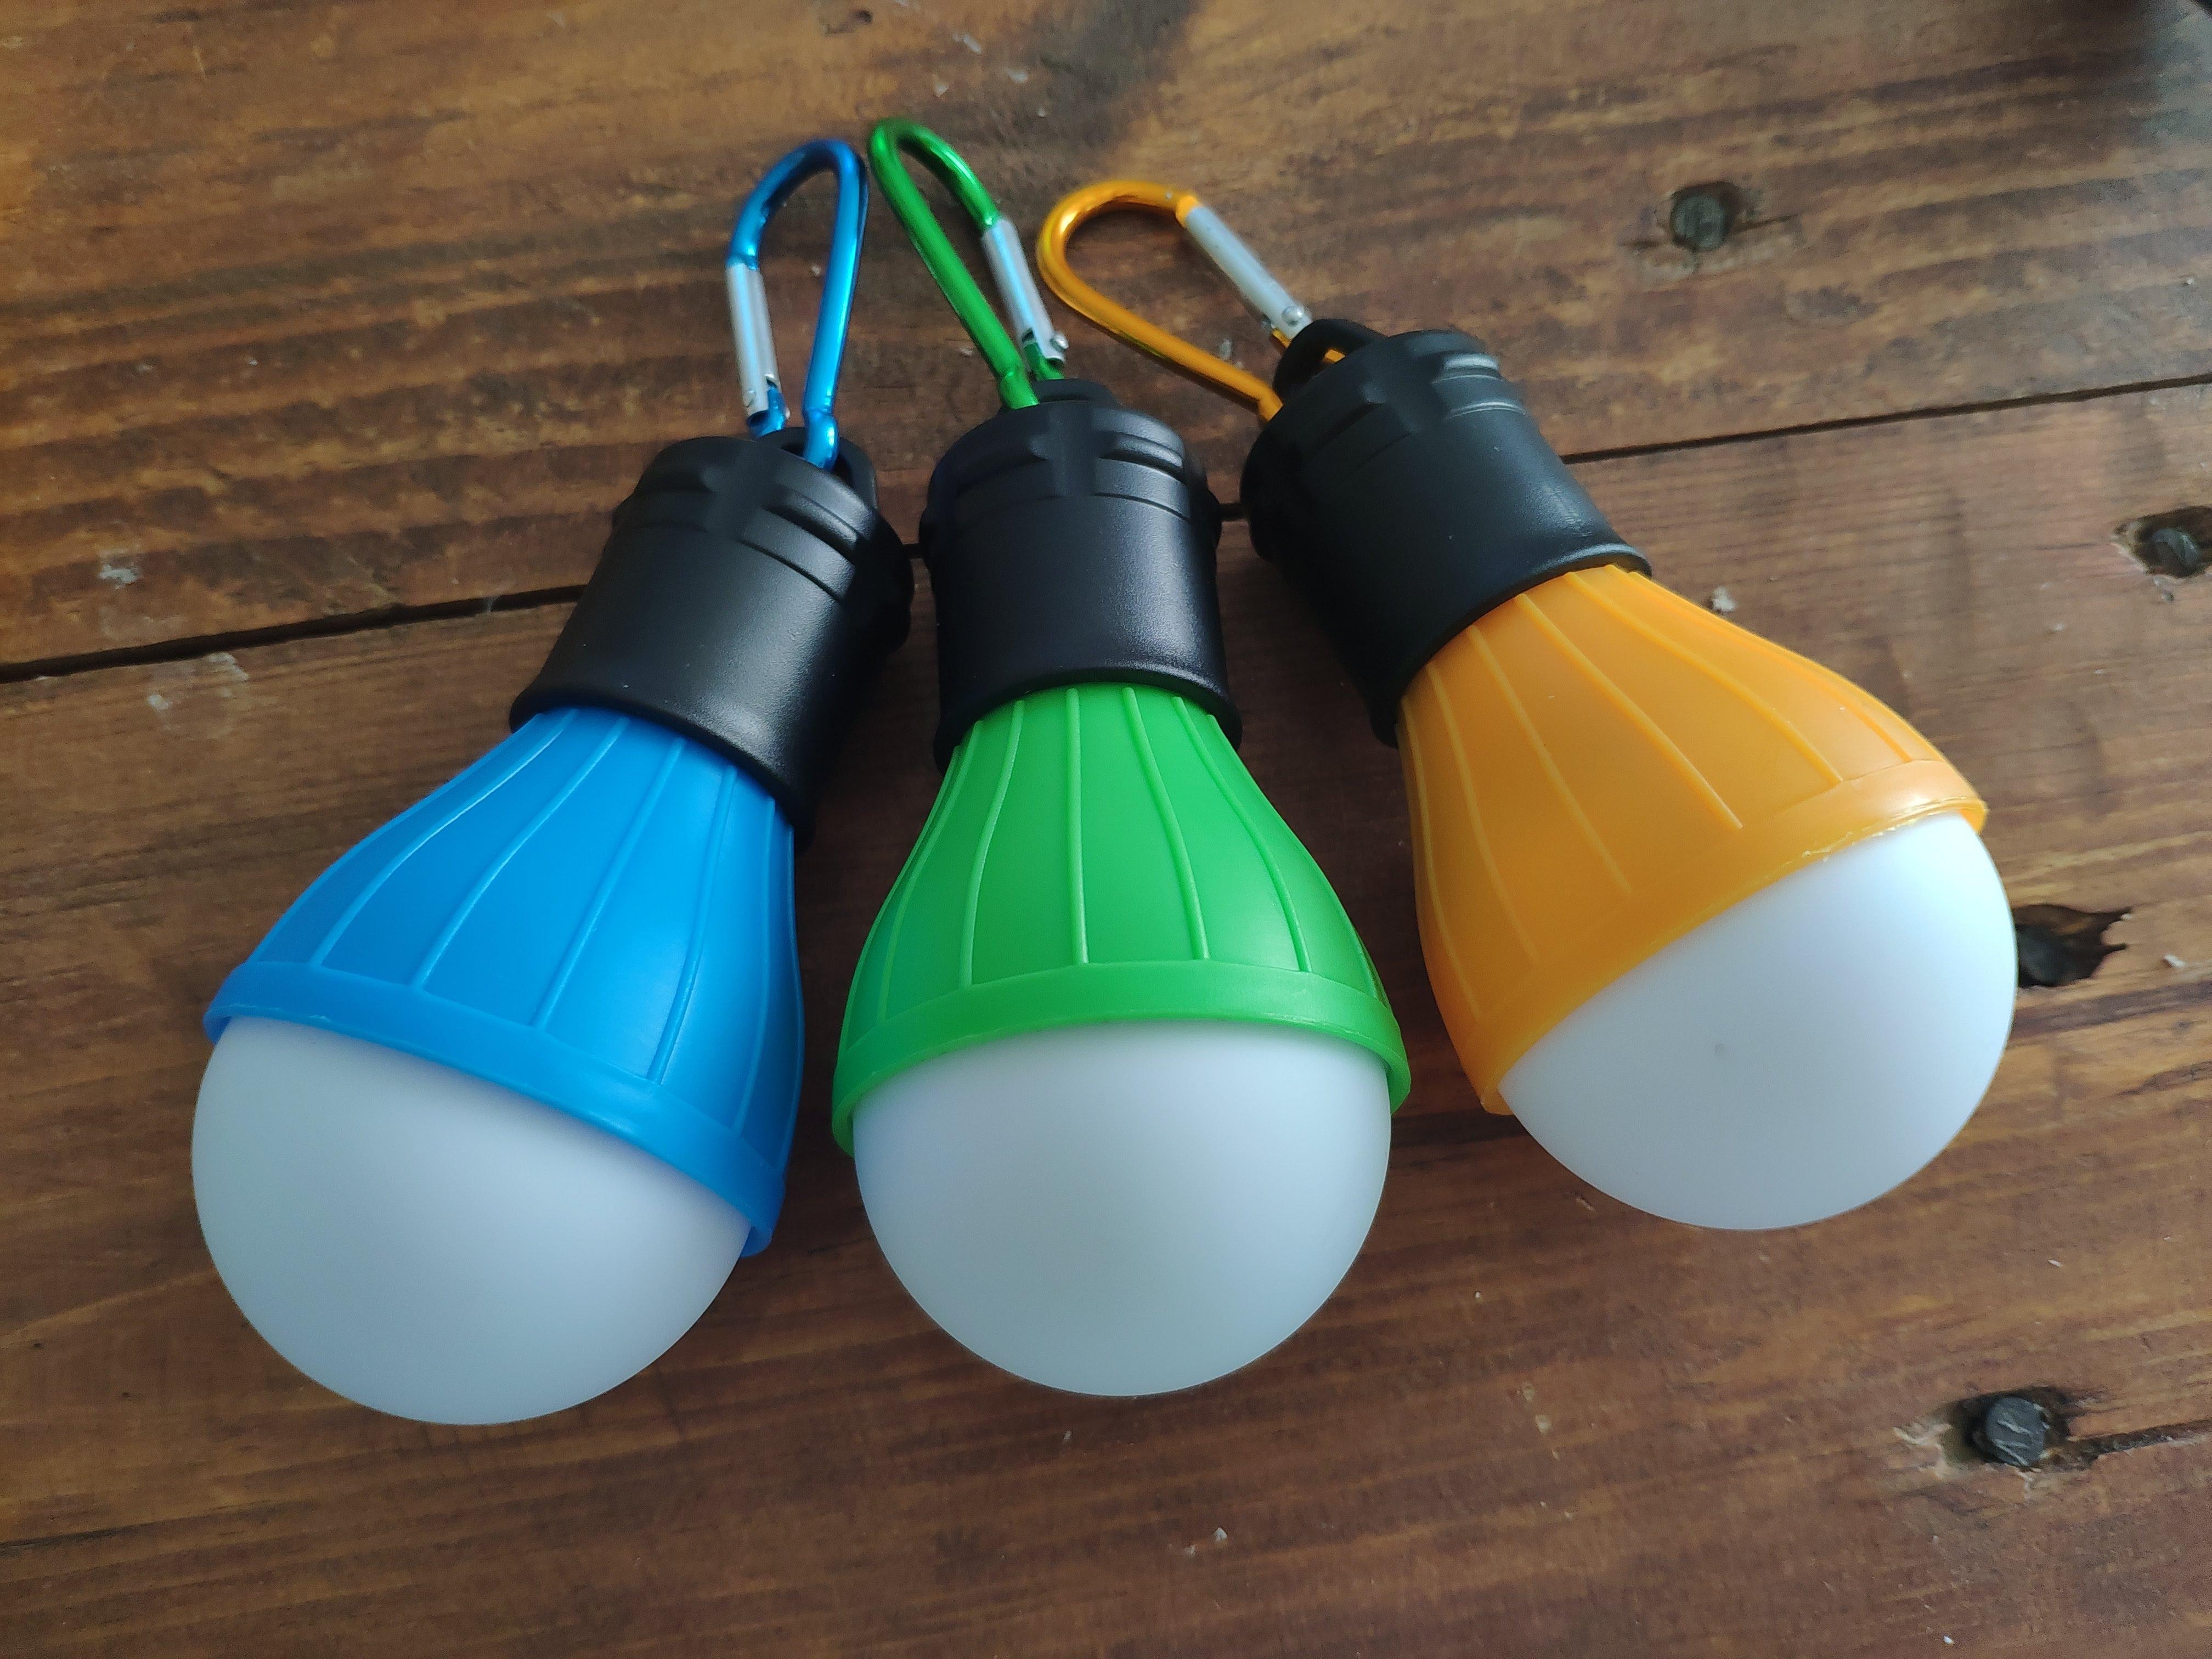 Lanterne de camping Portable